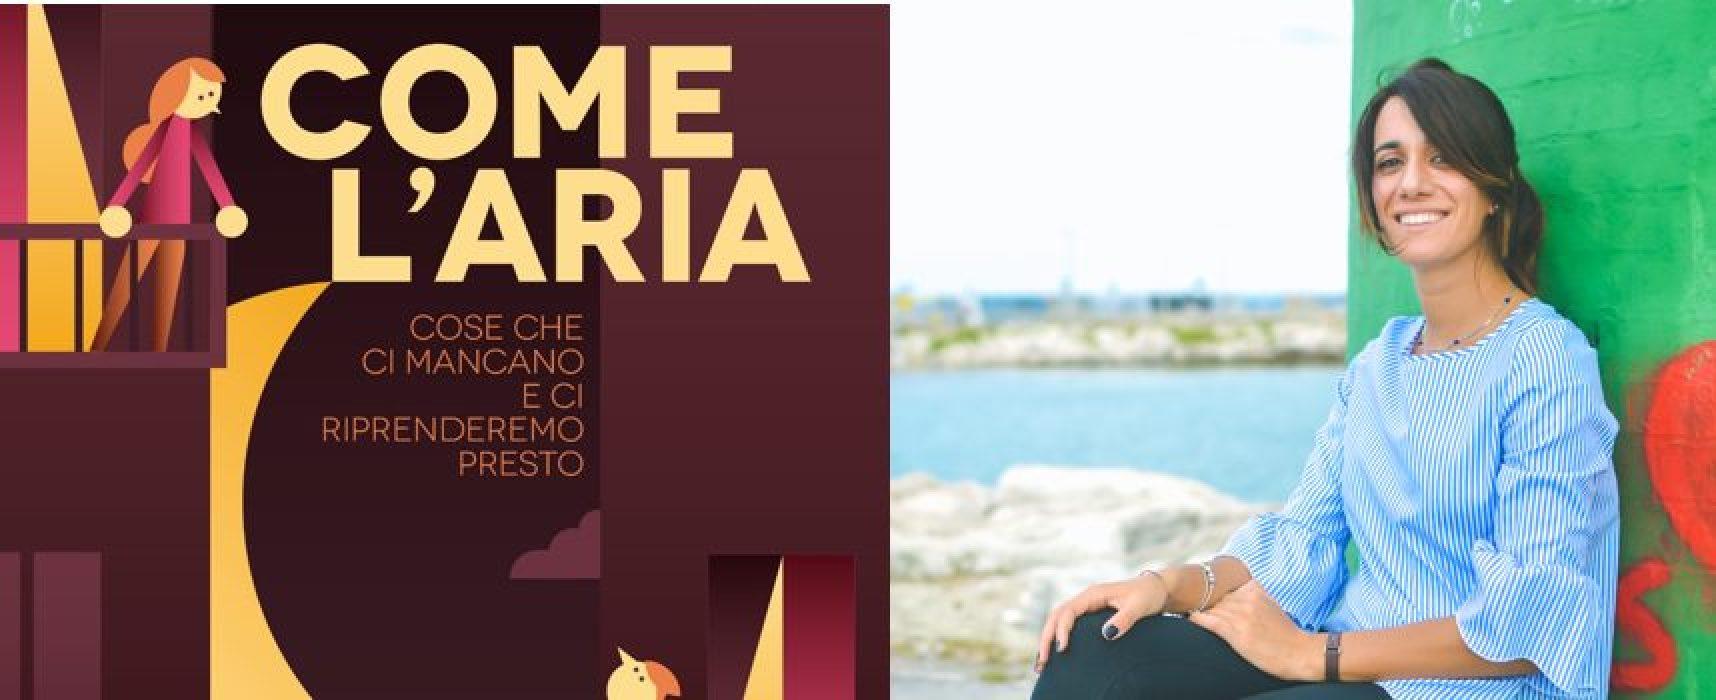 La biscegliese Cristina Soldano tra i creatori di un ebook corale: il ricavato alla Protezione Civile